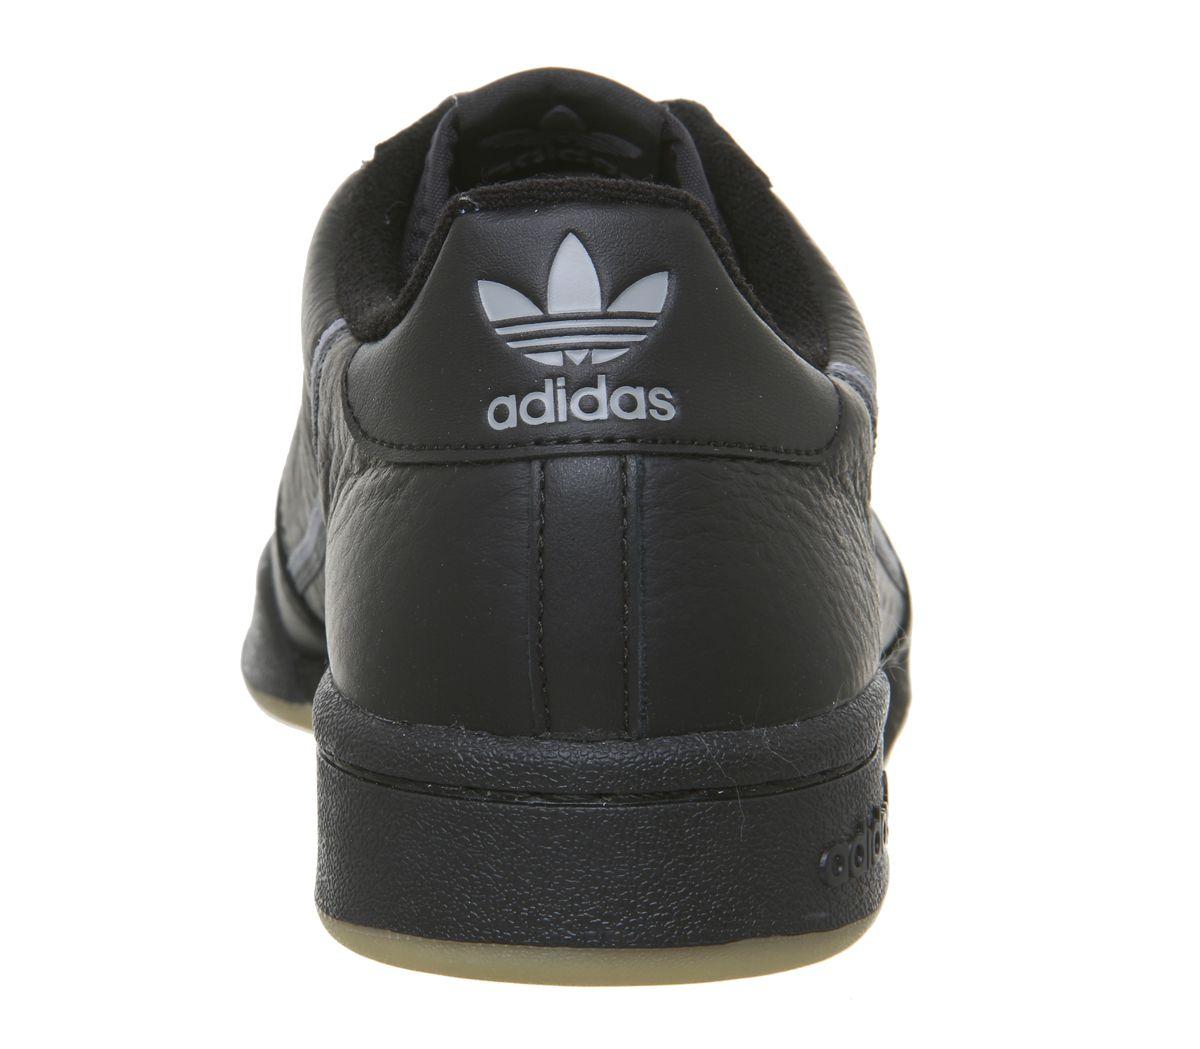 Adidas Nmd R1 Turnschuhe Schwarz Schwarz Gum Turnschuhe Kern